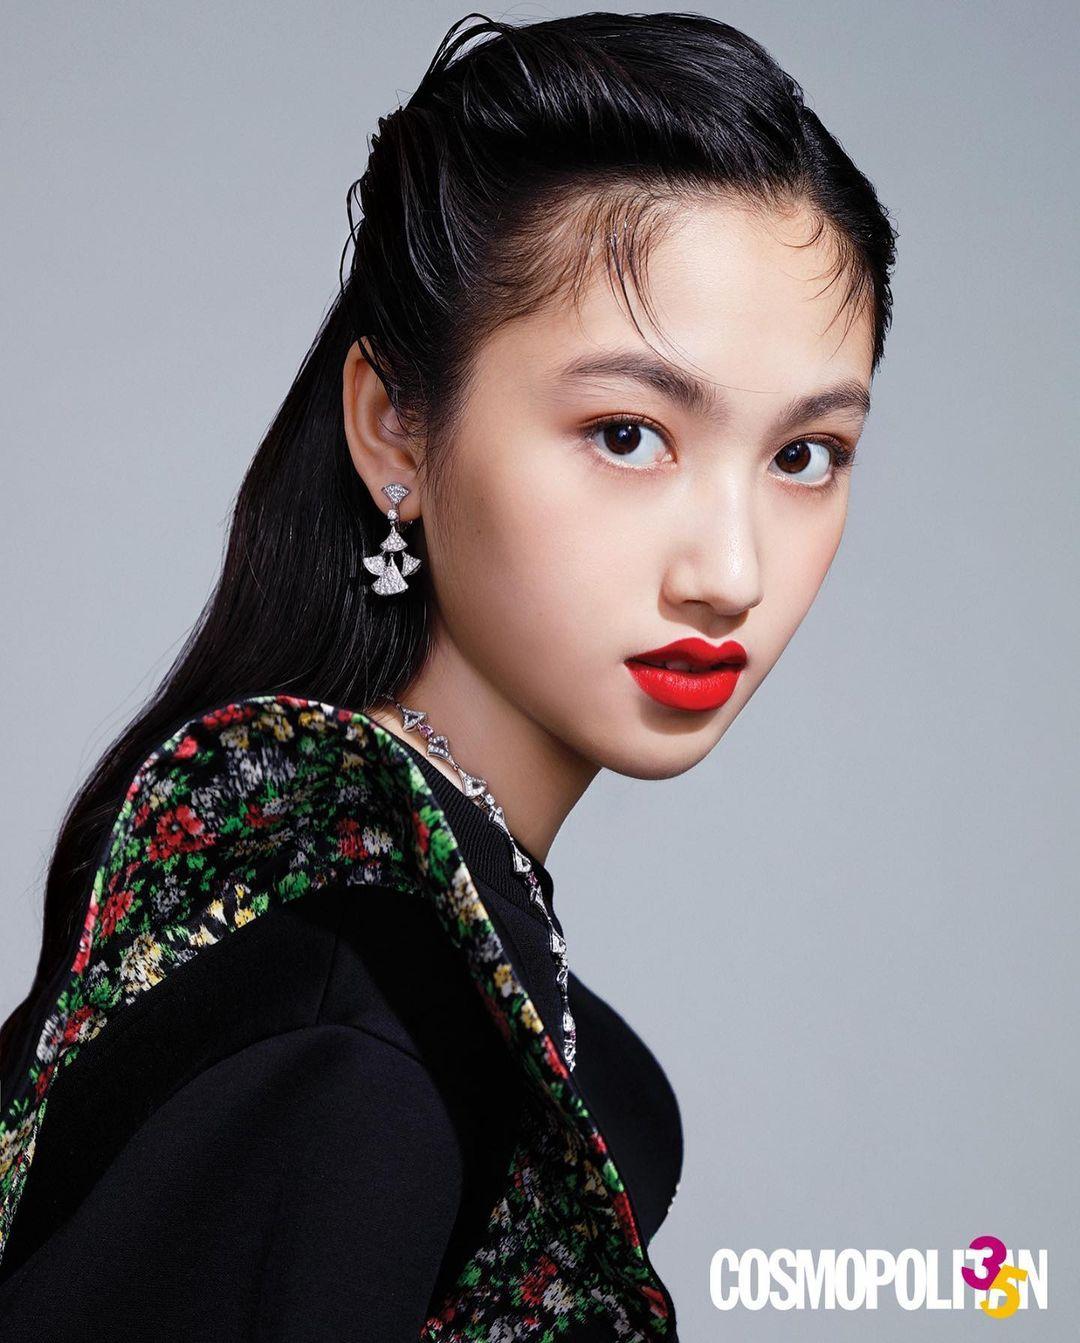 Con gái Nhậm Đạt Hoa đang tuổi dậy thì đã cao tới 1m80 được săn đón làm người mẫu